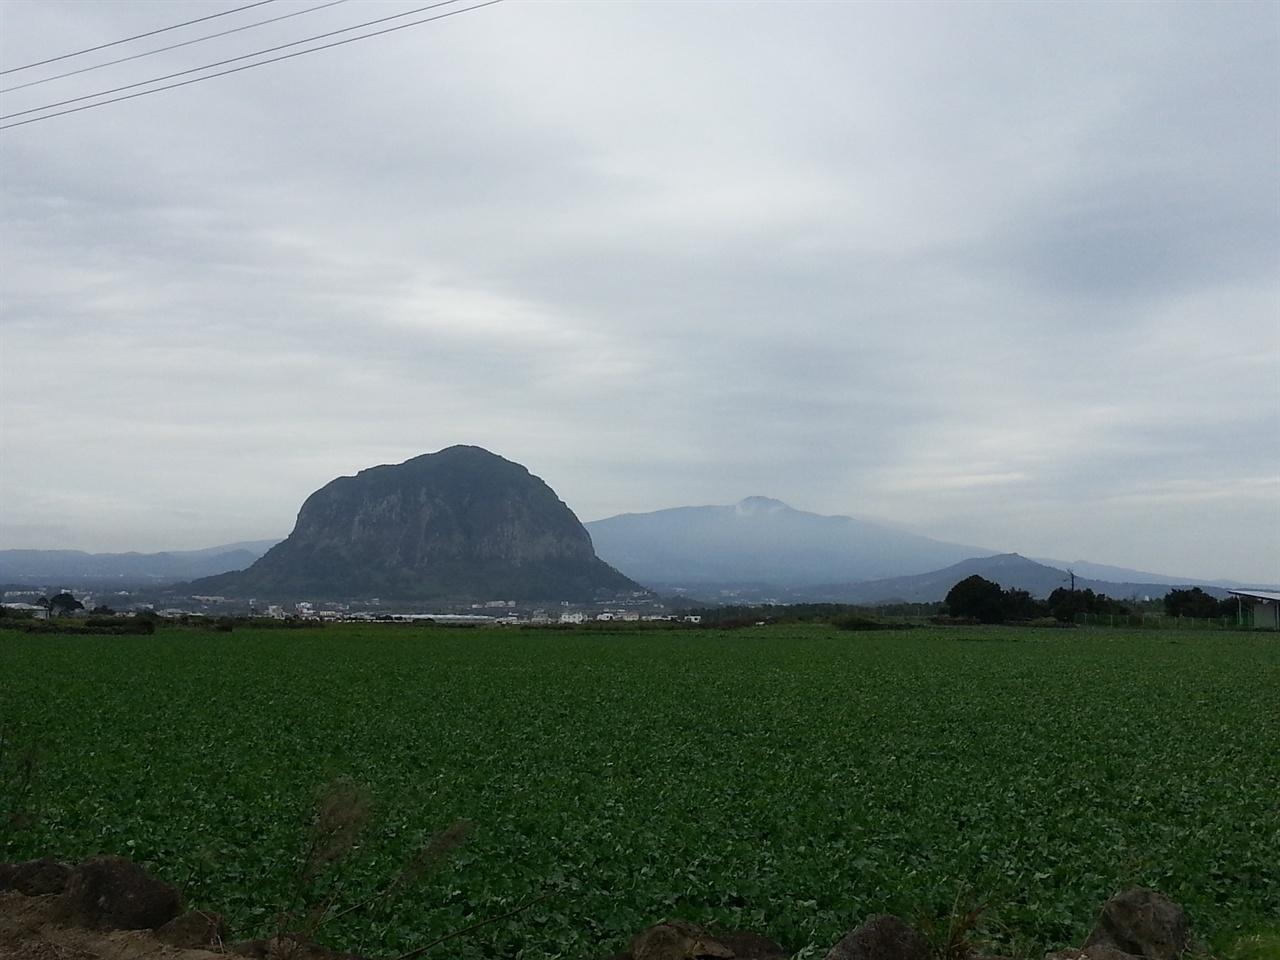 산방산이 있는 풍경